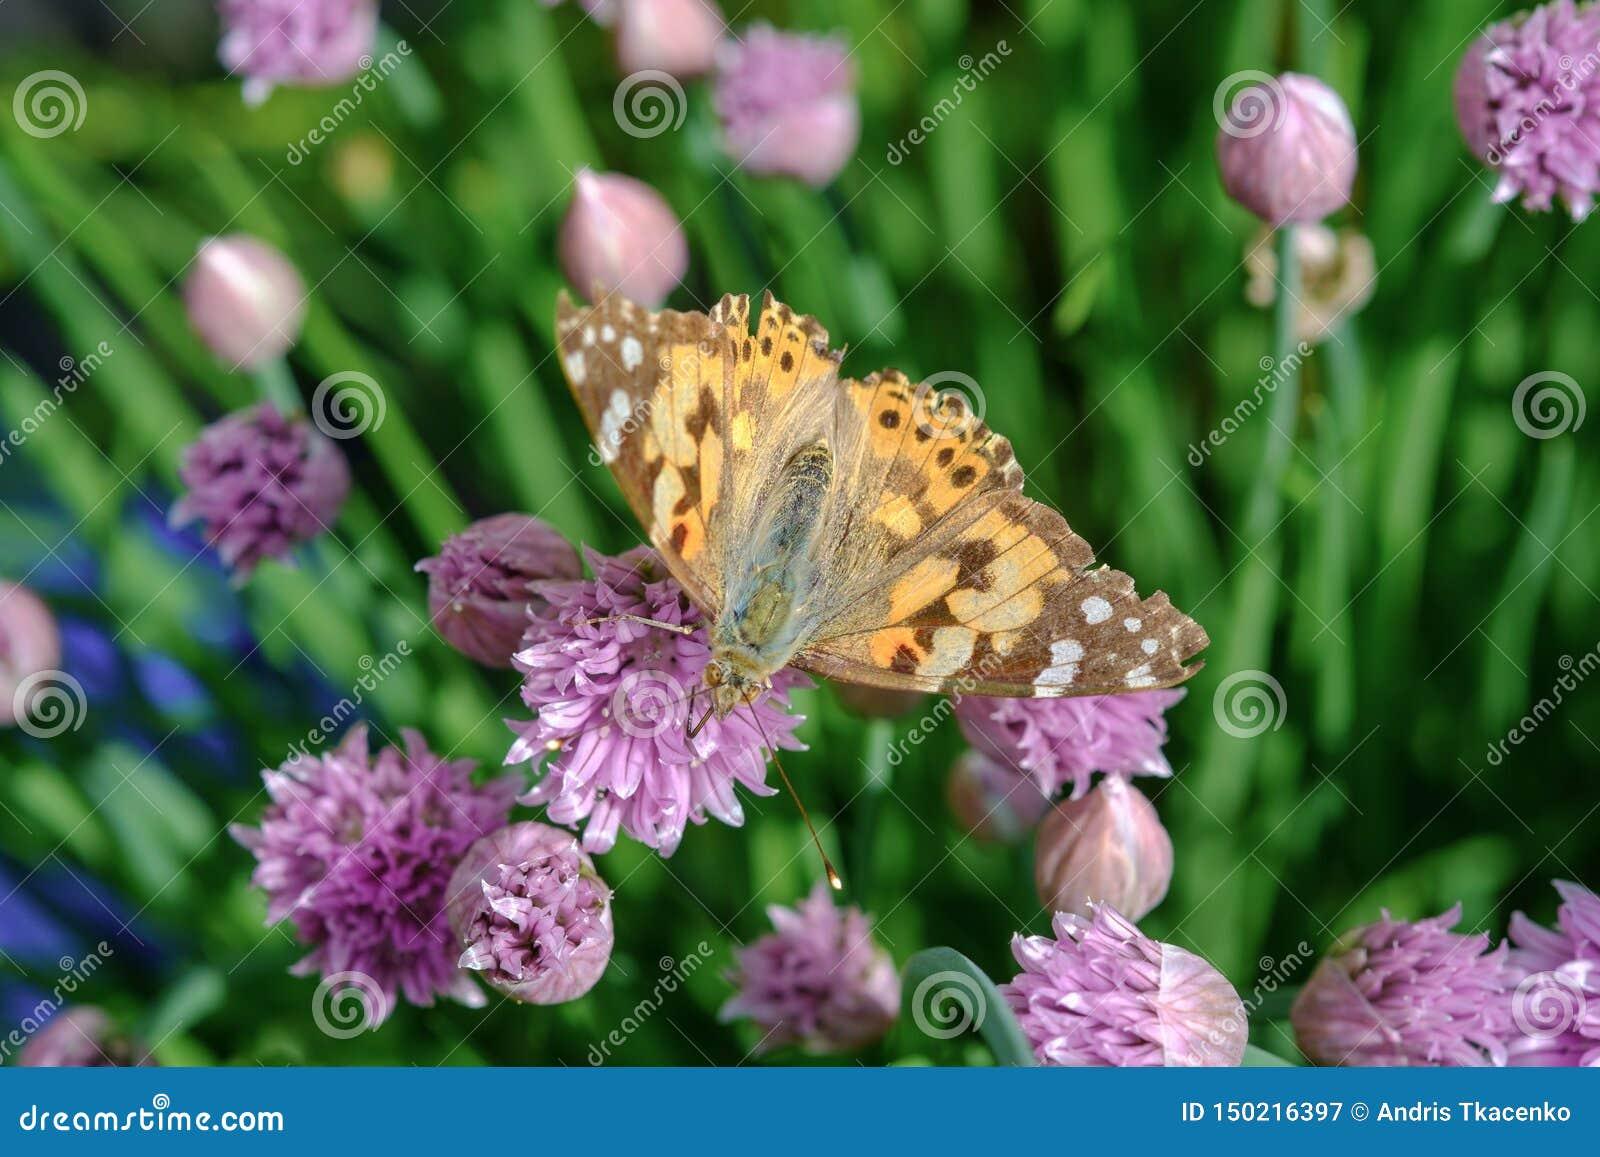 Szczypiorki i pomarańczowy motyl w ogródzie